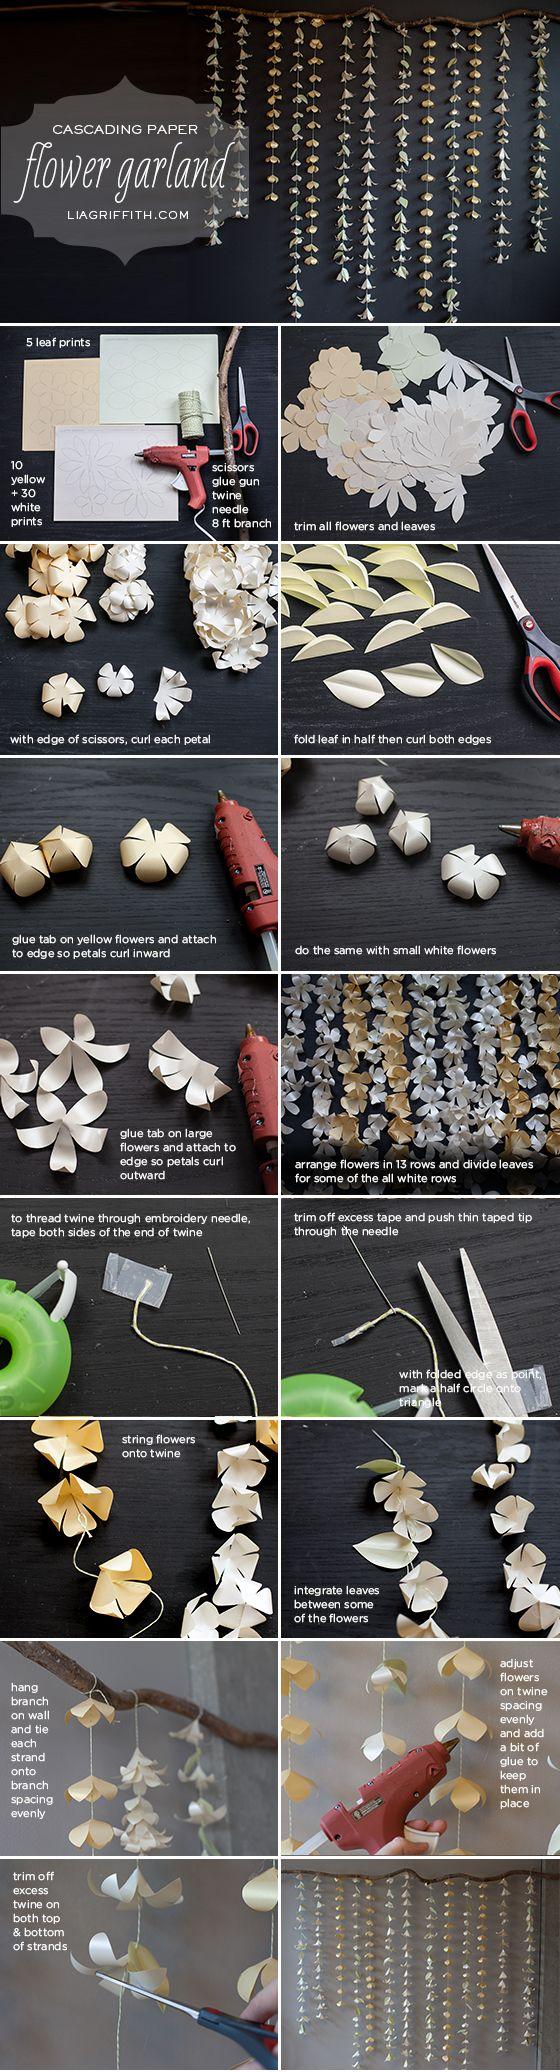 Cascading Paper Flower Garland Tutorial Art Ideas Pinterest